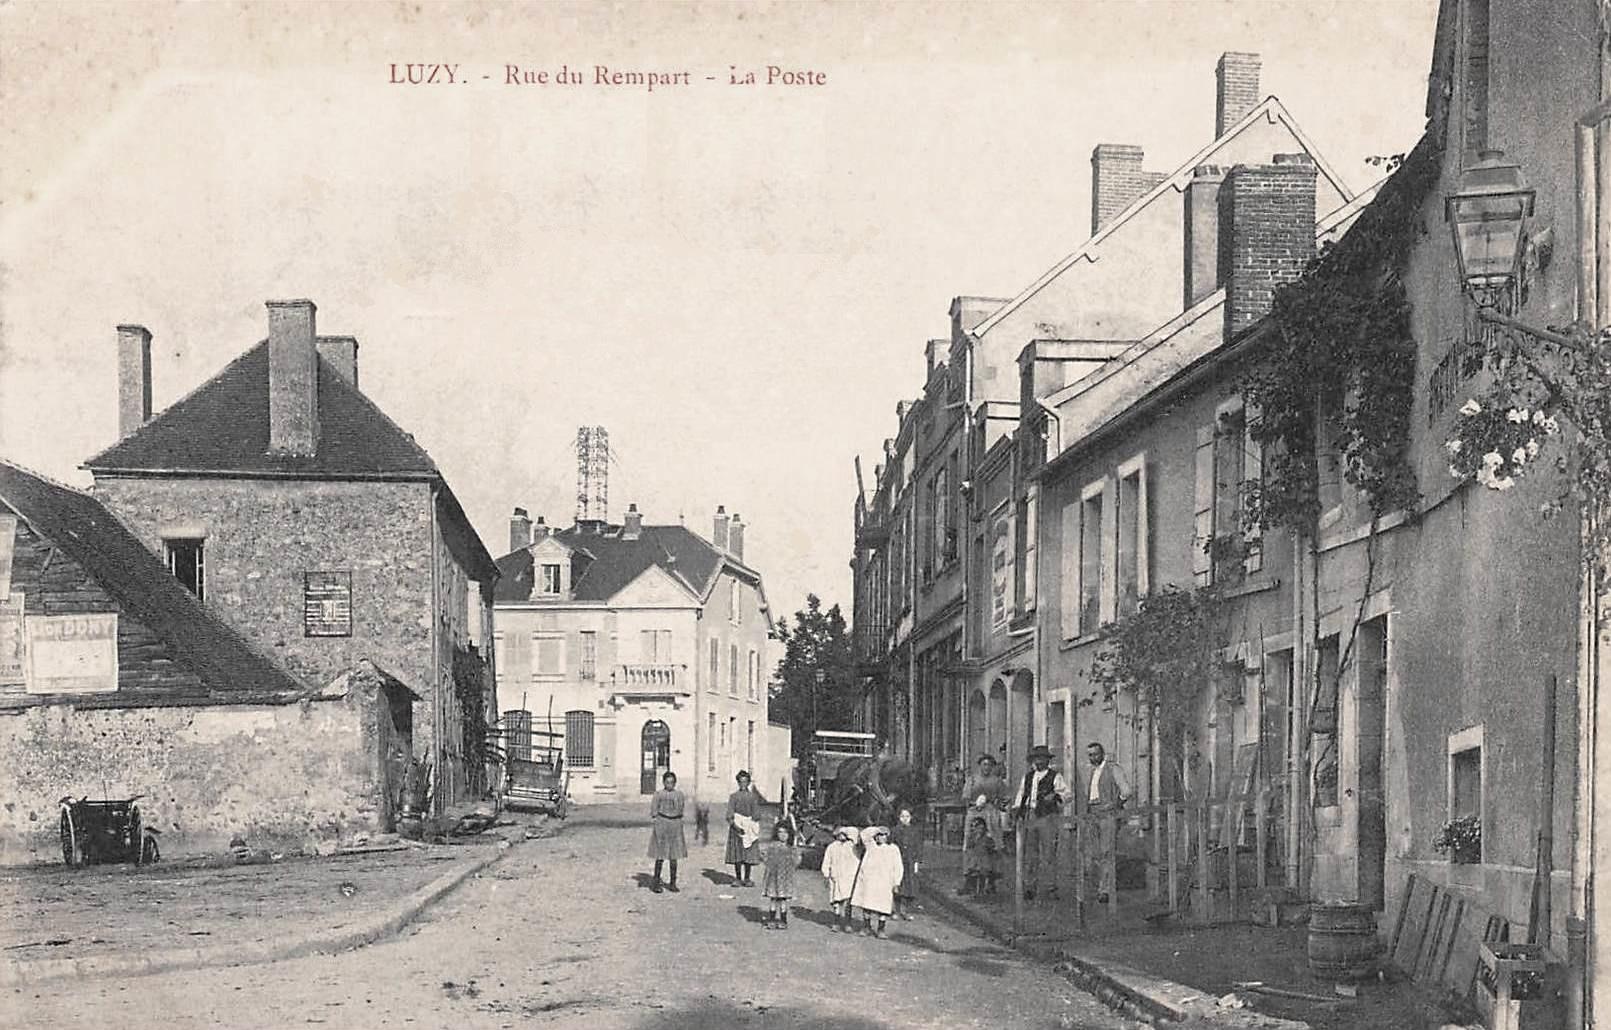 Luzy (Nièvre) La Poste, rue du rempart CPA